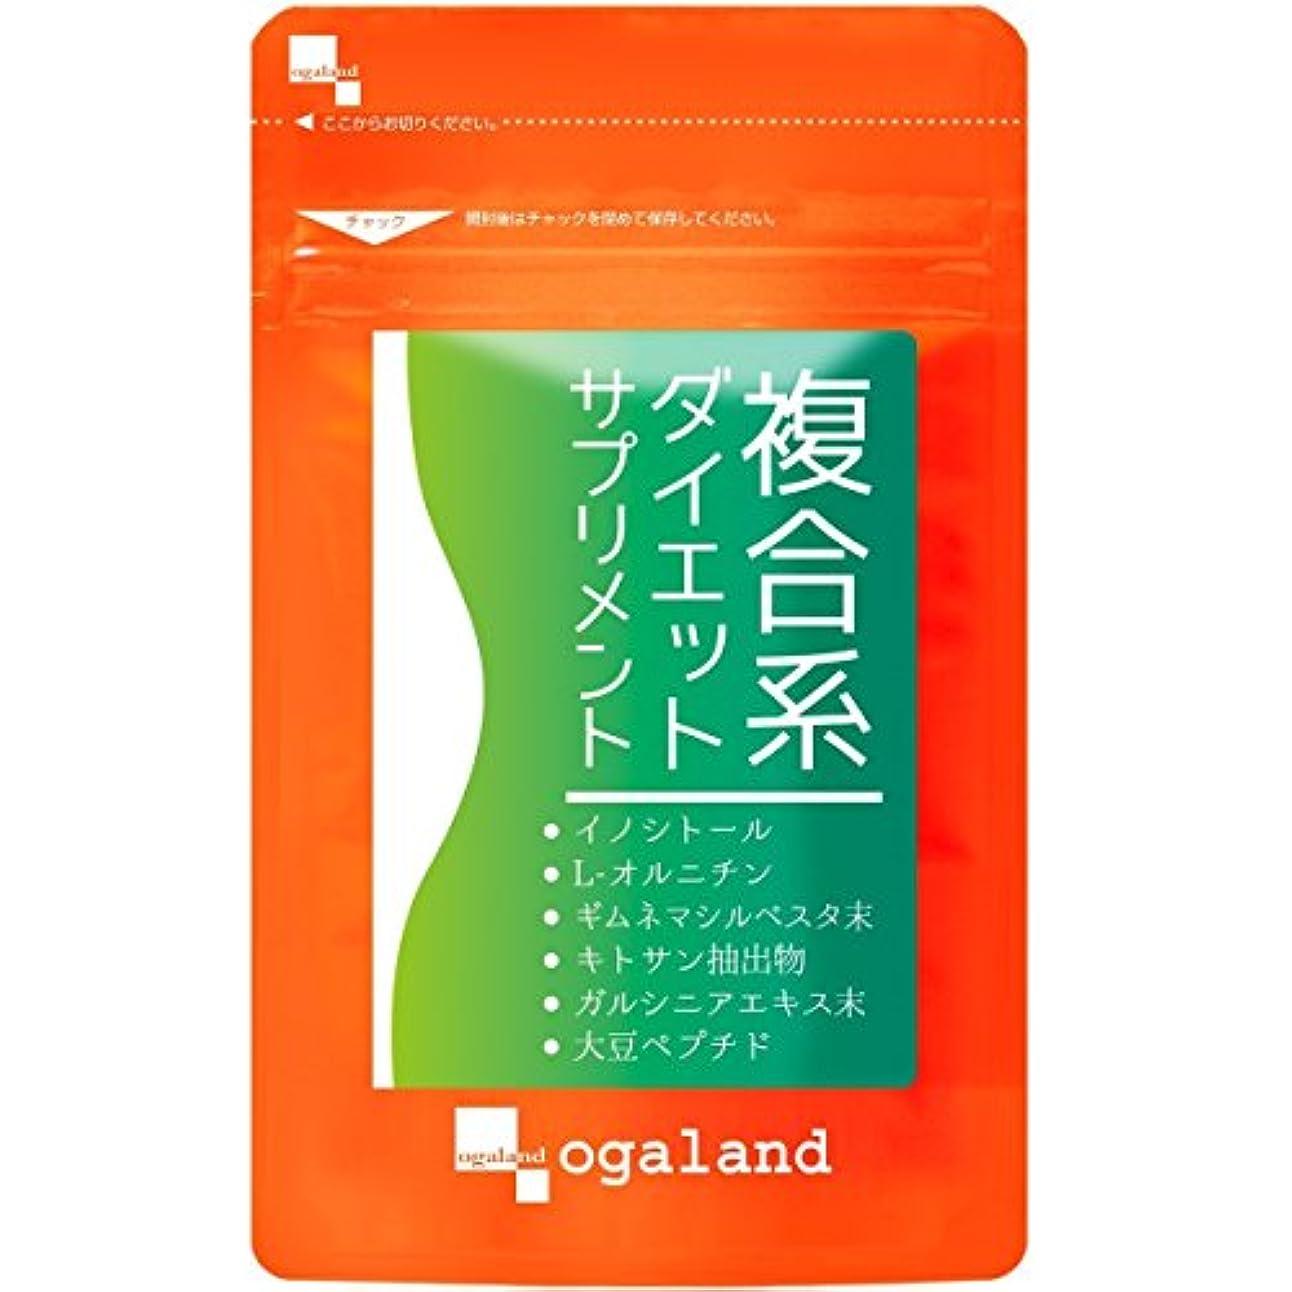 三番スキップ品揃え【Amazon.co.jp限定】複合系ダイエットサプリメント 90粒